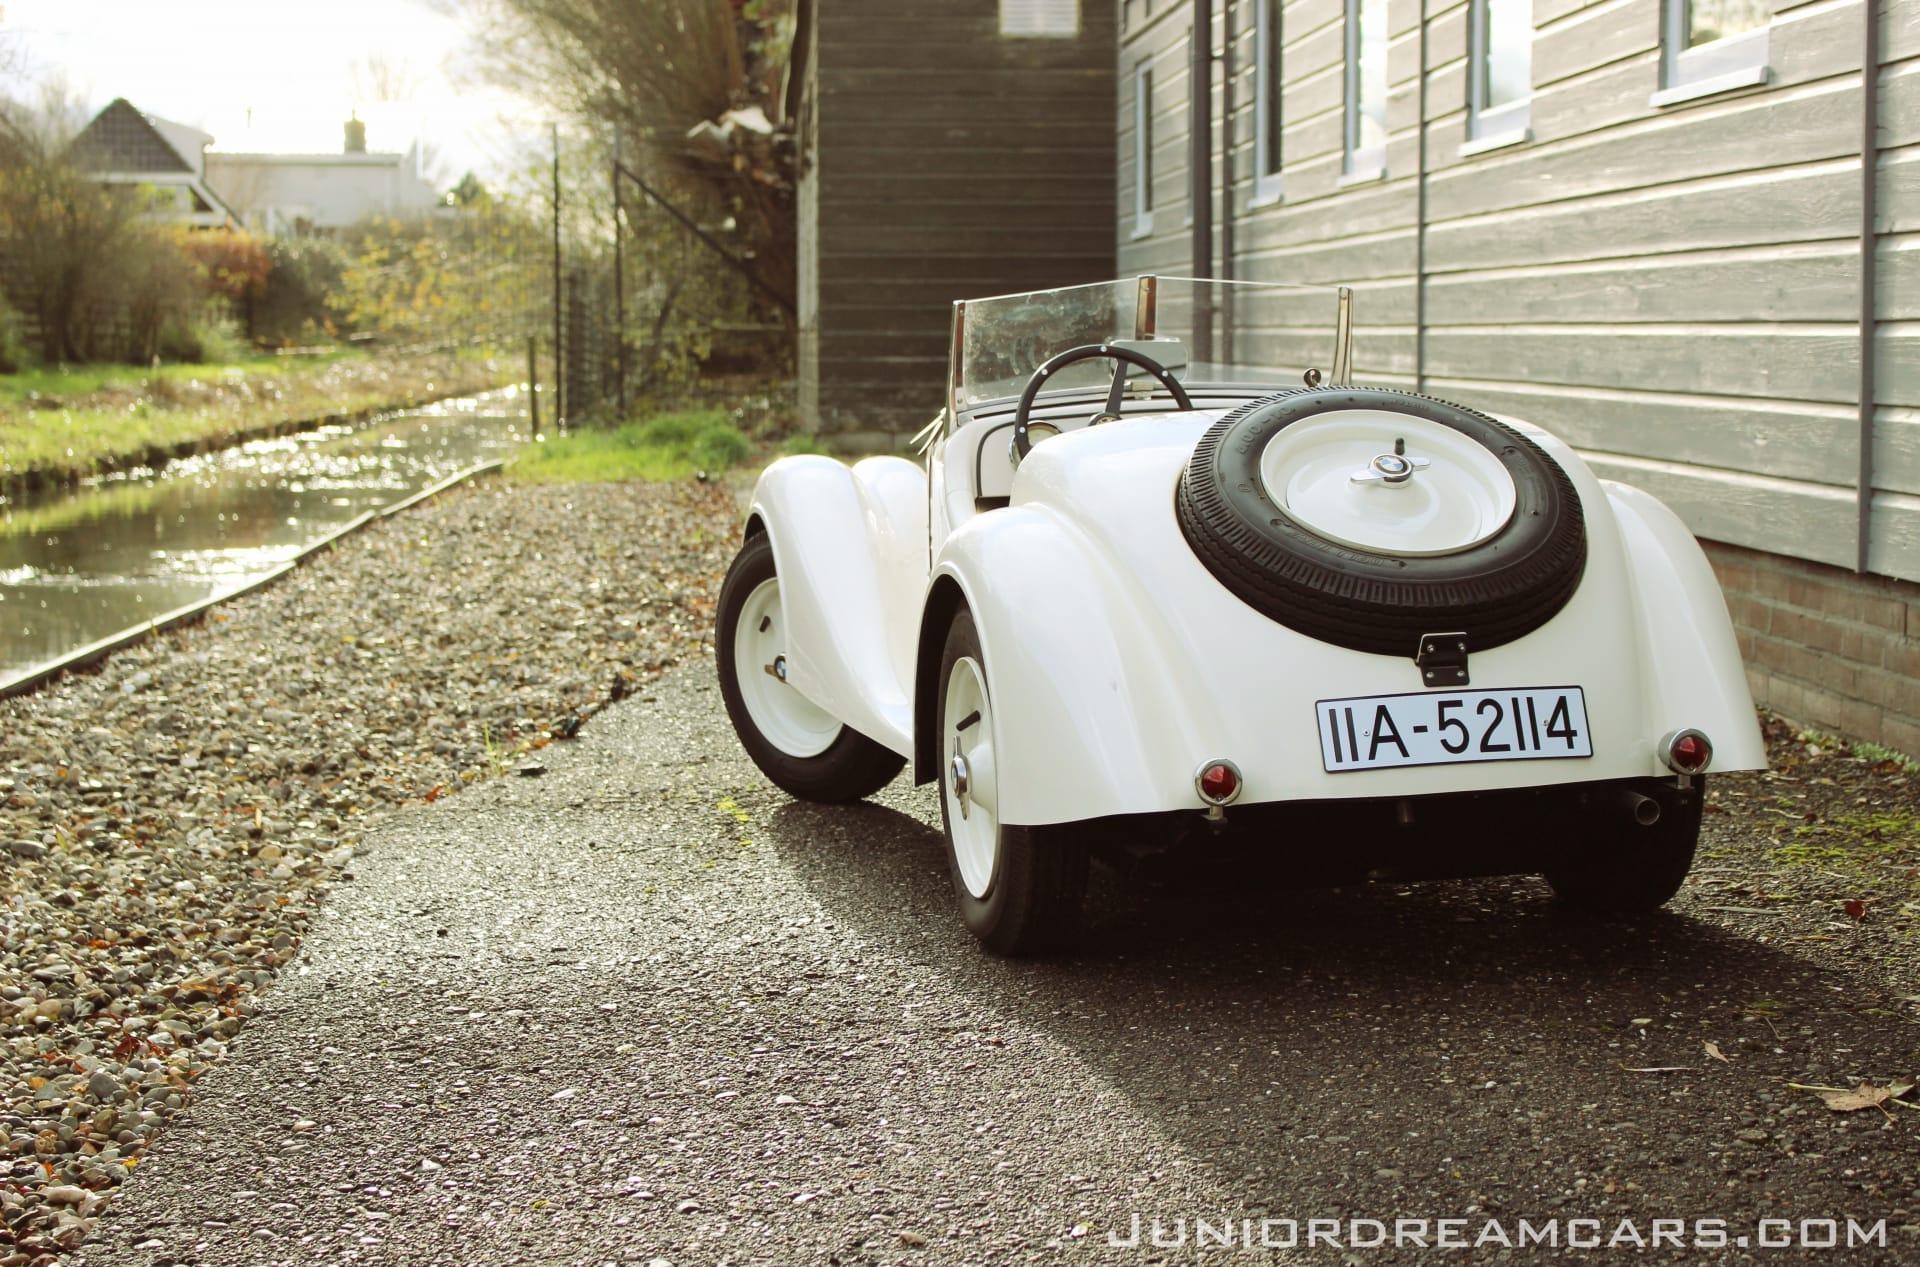 junior-dream-car-de-la-chapelle-2_1920x1267_acf_cropped-2 Amazing Ferrari Agostini Auto Junior Mondial Cabriolet Cars Trend